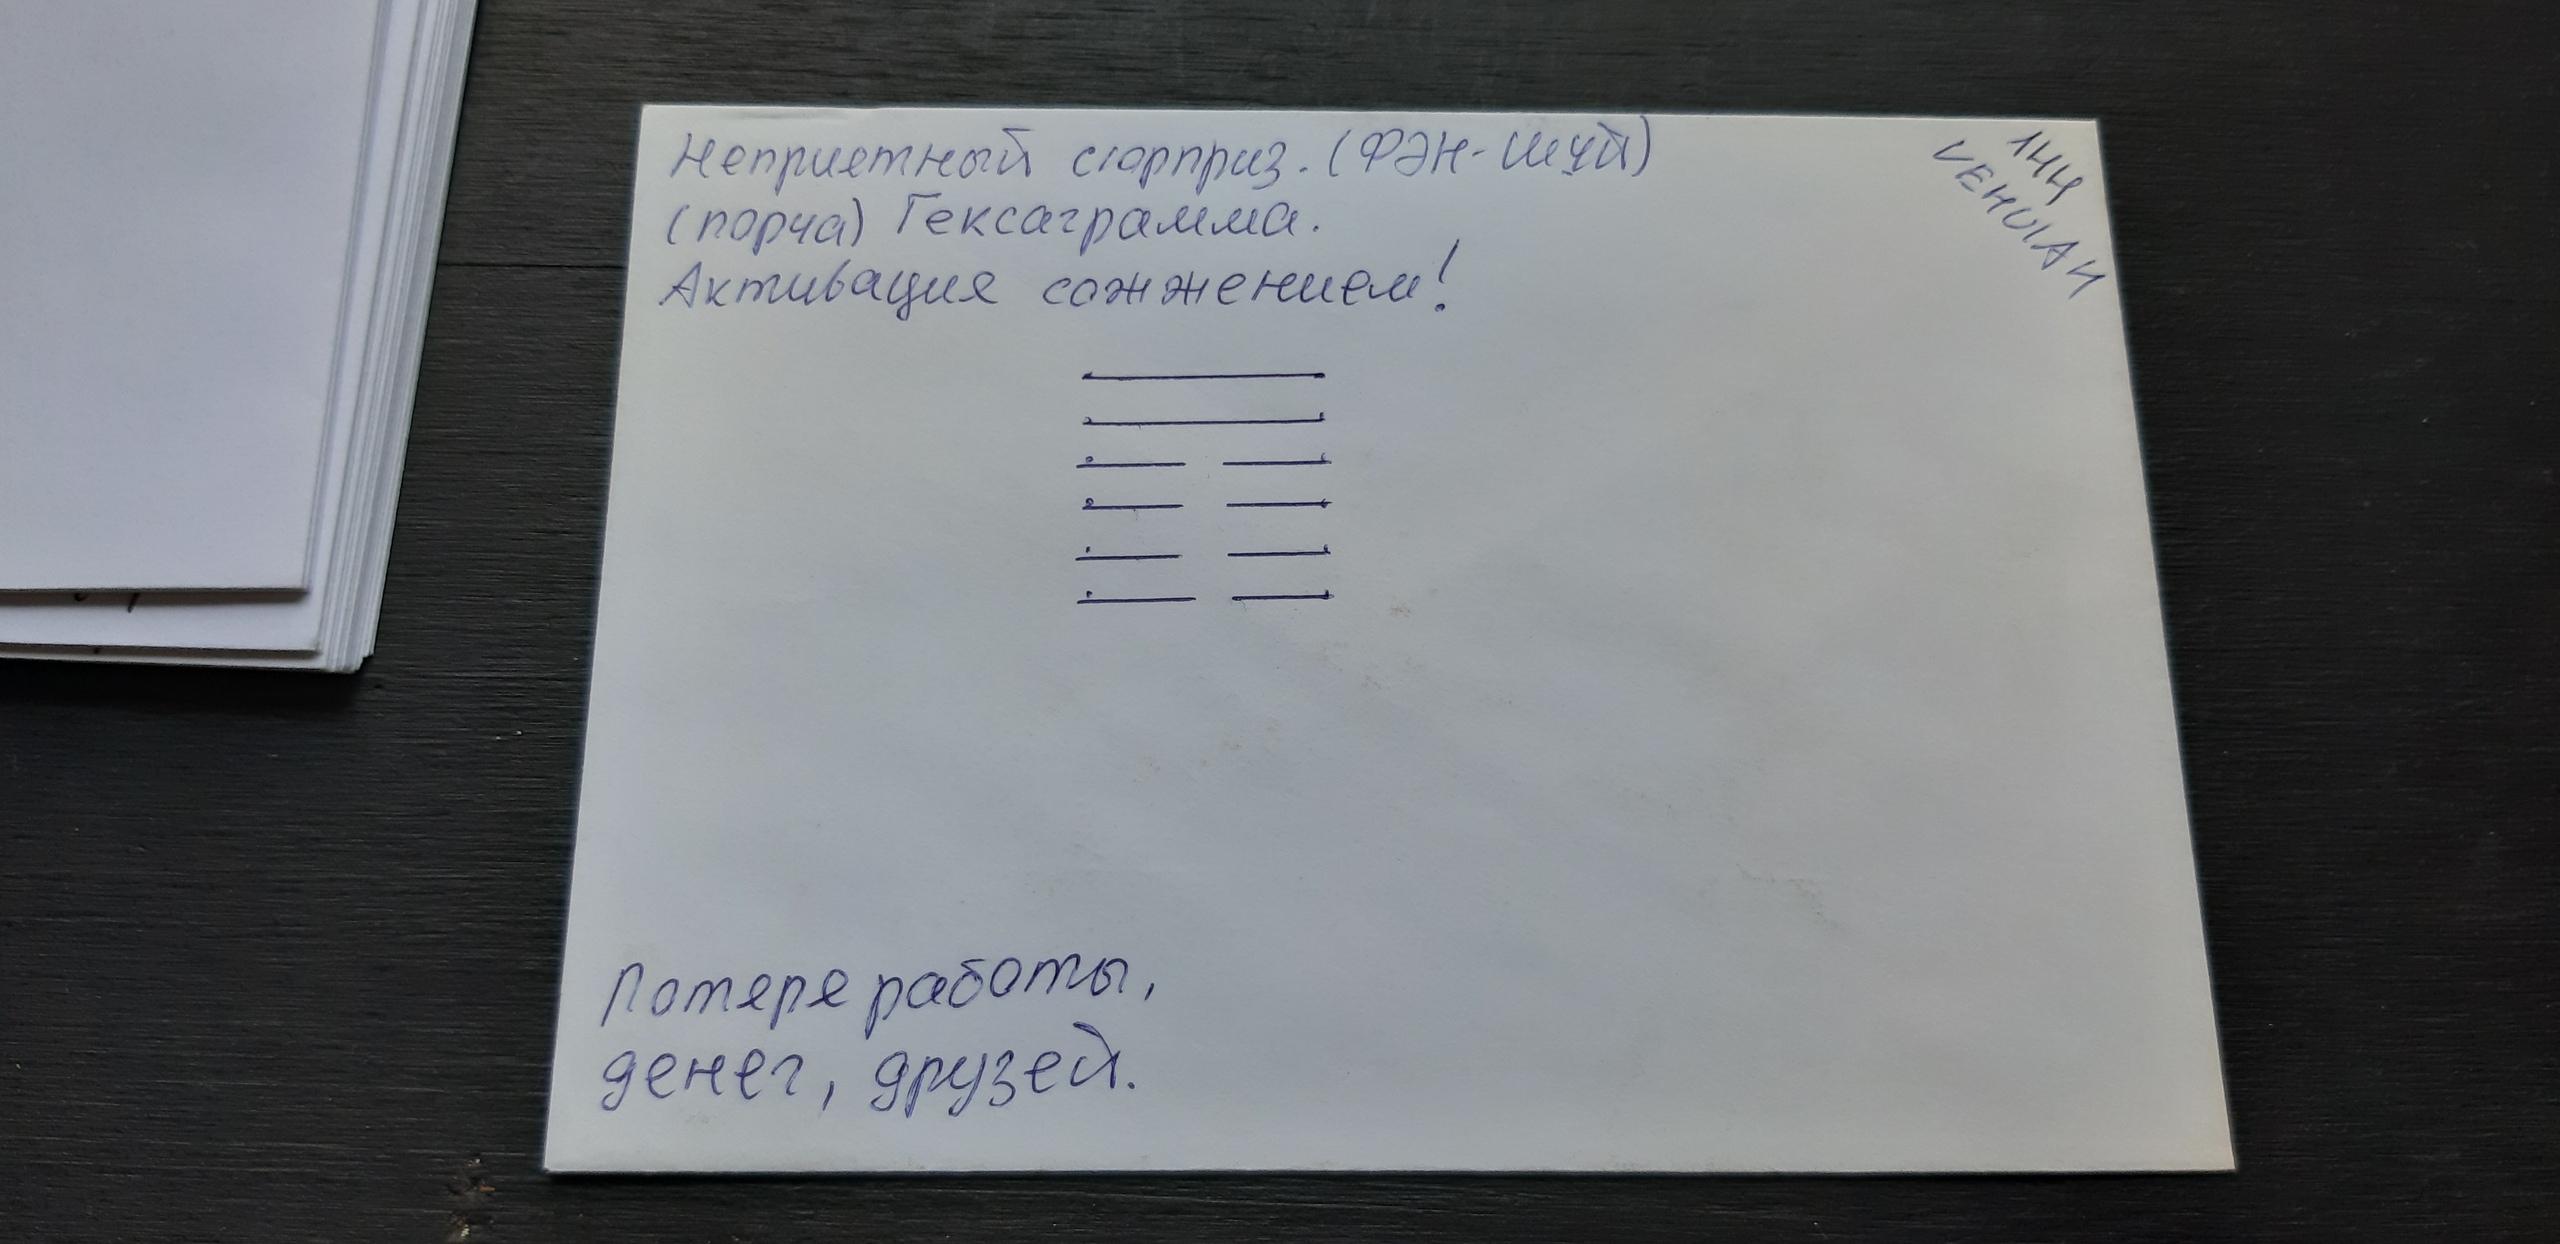 Конверты с магическими программами от Елены Руденко. Ставы, символы, руническая магия.  - Страница 3 NFV-qyH_eGo